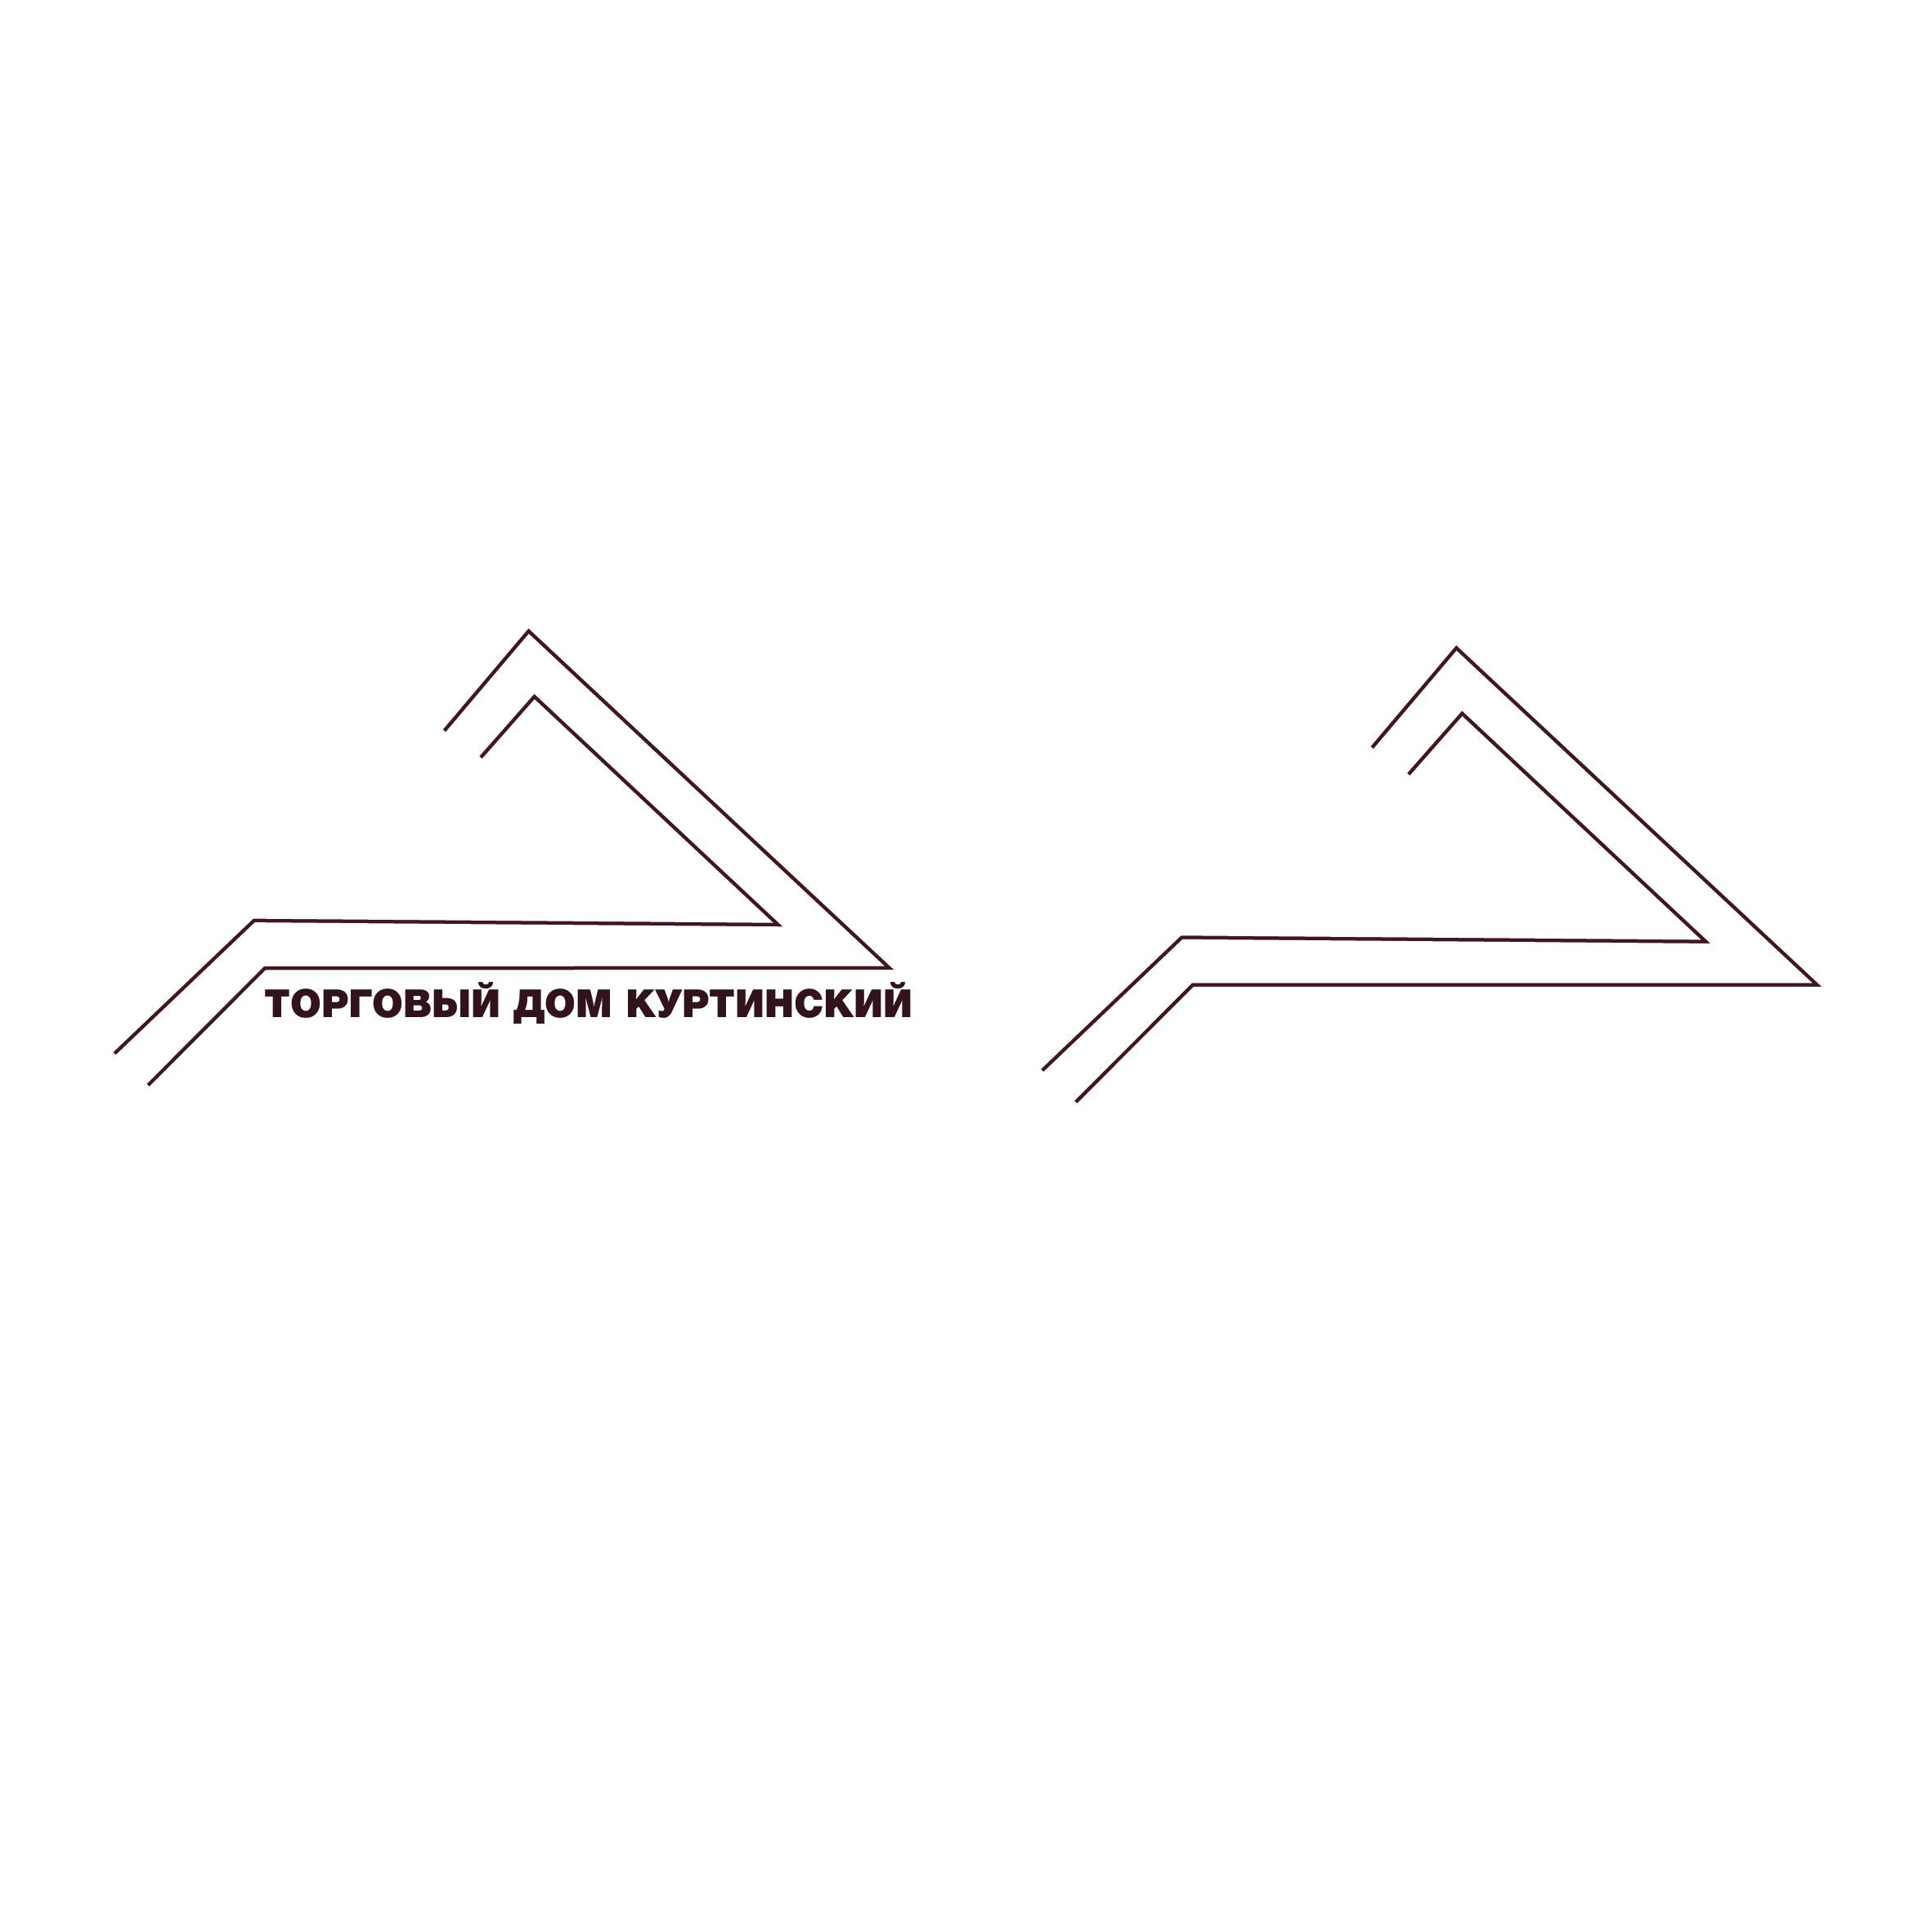 Логотип для камнедобывающей компании фото f_5335b9ac0b1b8fd2.jpg